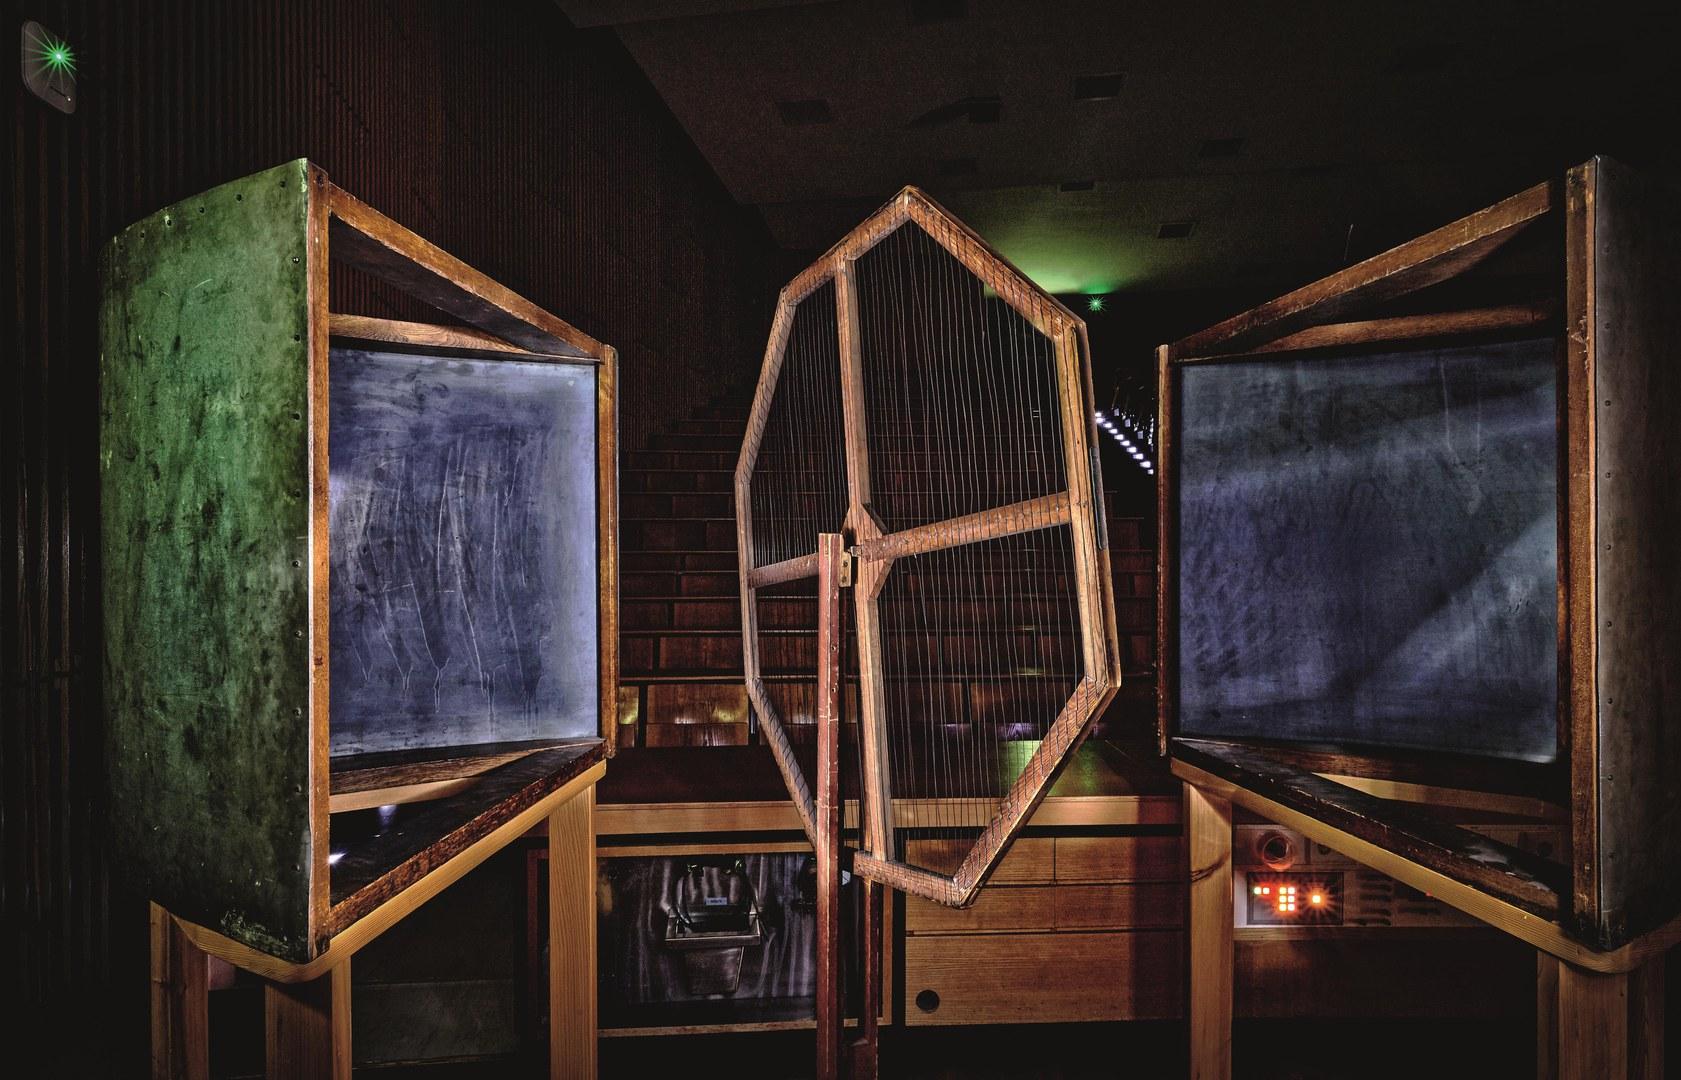 Apparatur von Heinrich Hertz, geboren 1857: